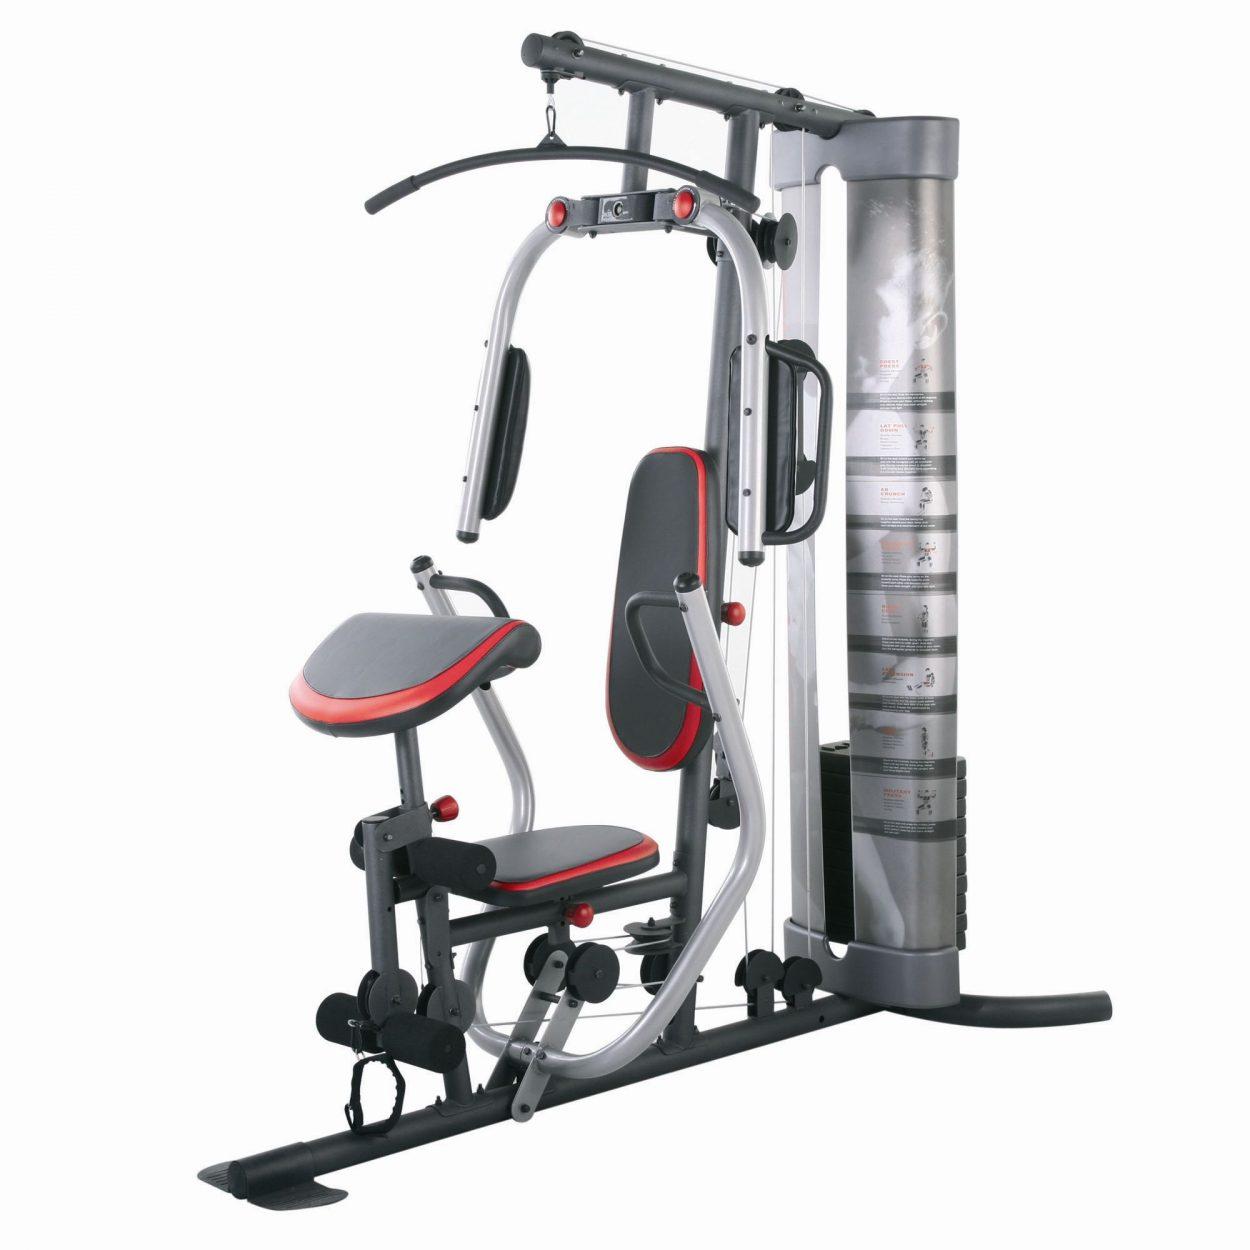 Weider Pro 5500 Multi Gym